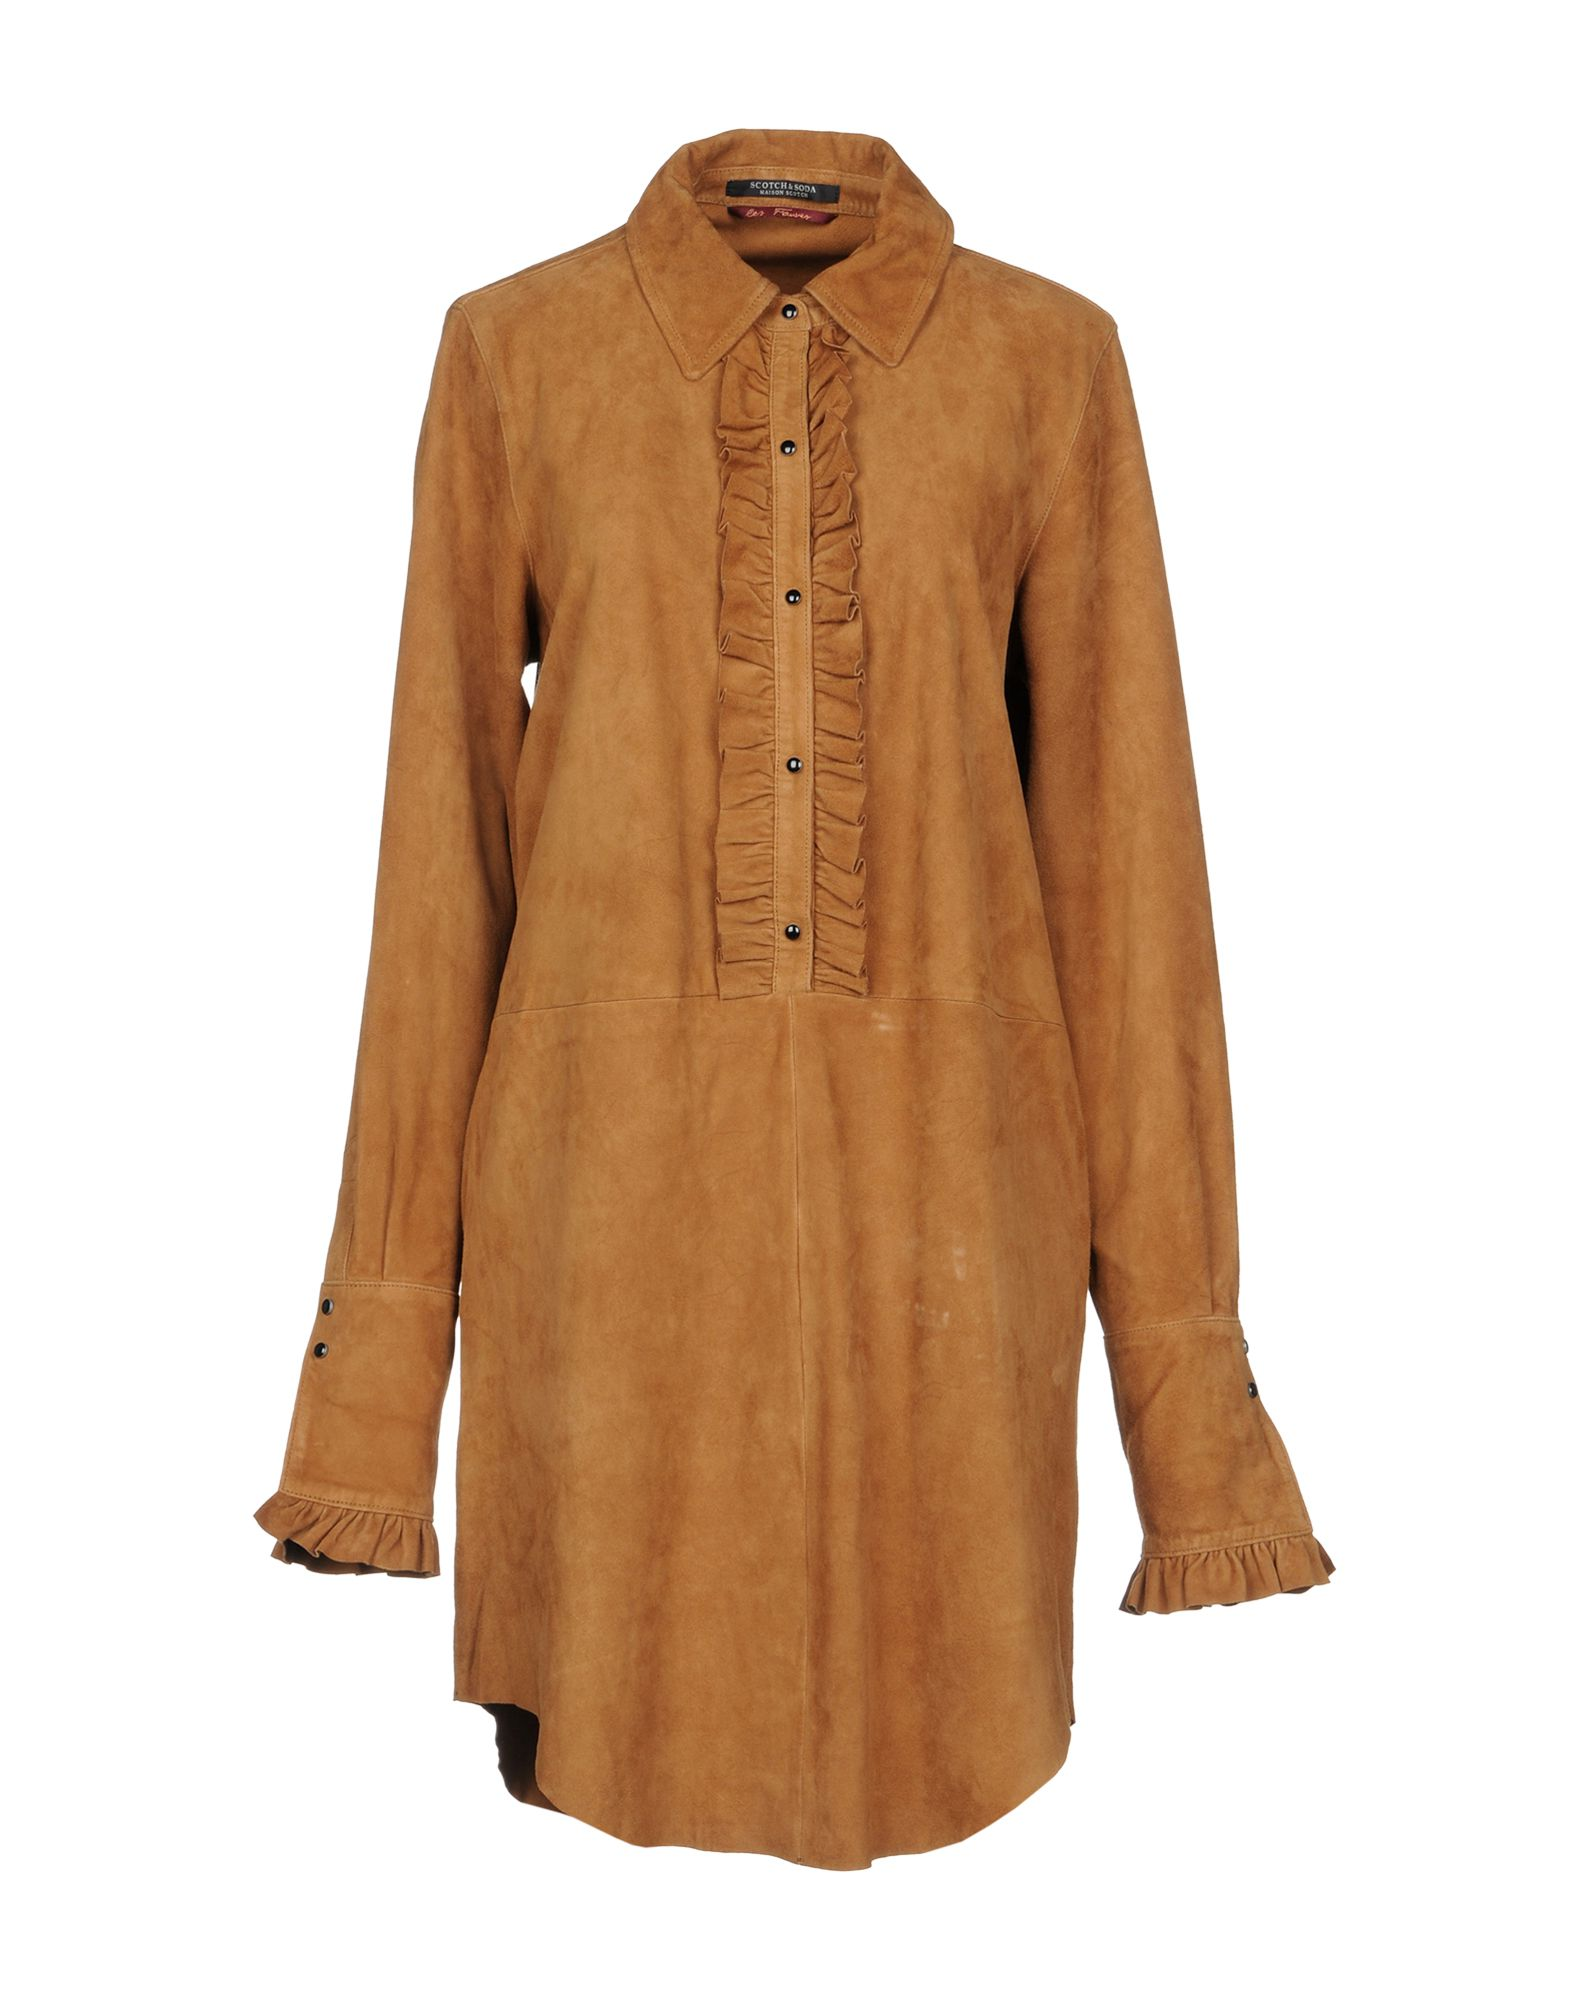 MAISON SCOTCH Короткое платье maison scotch рубашка maison scotch 133 1621 0120131137 03